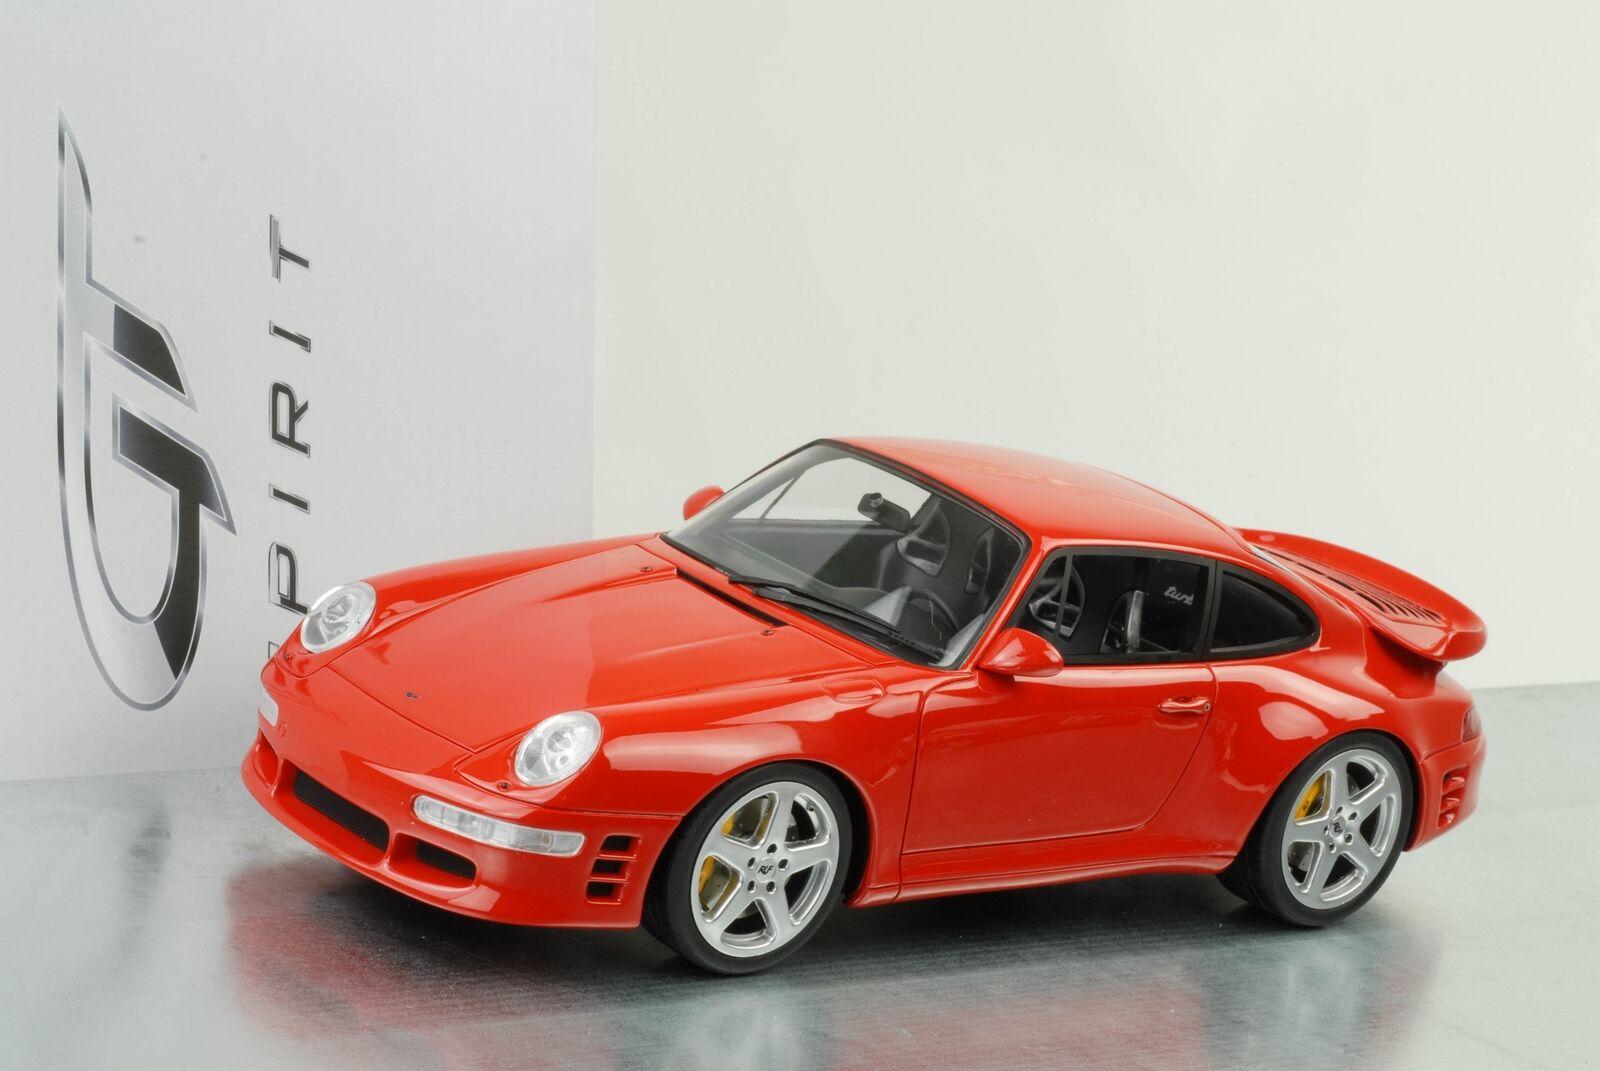 Porsche 911 turbo r 1998 993 ruf verrotten 1,18 gt - geist zm110